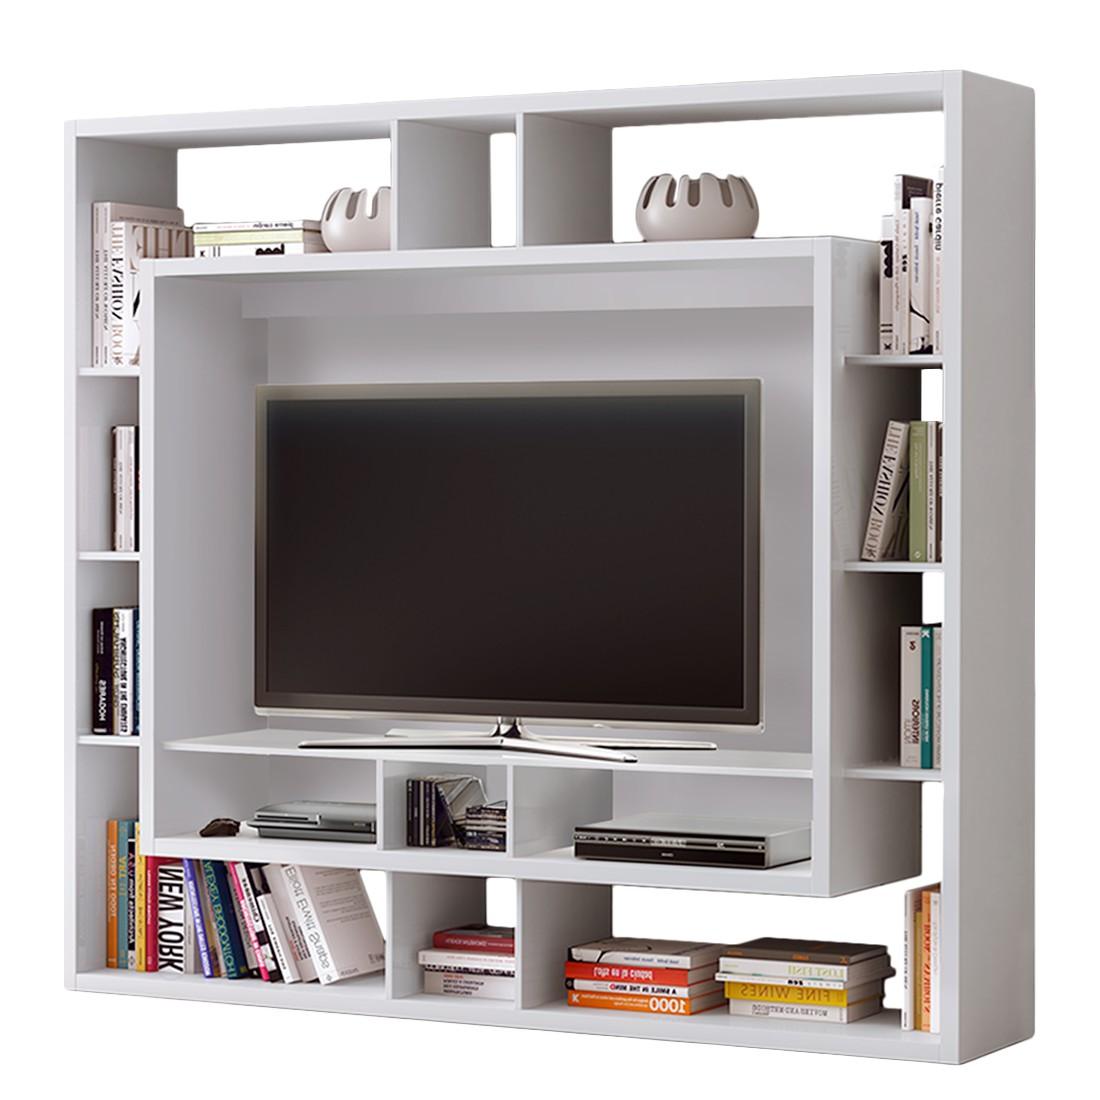 Tv medienwand easy cremewei mit leuchtstoffr hren loftscape bestellen - Medienwand tv ...